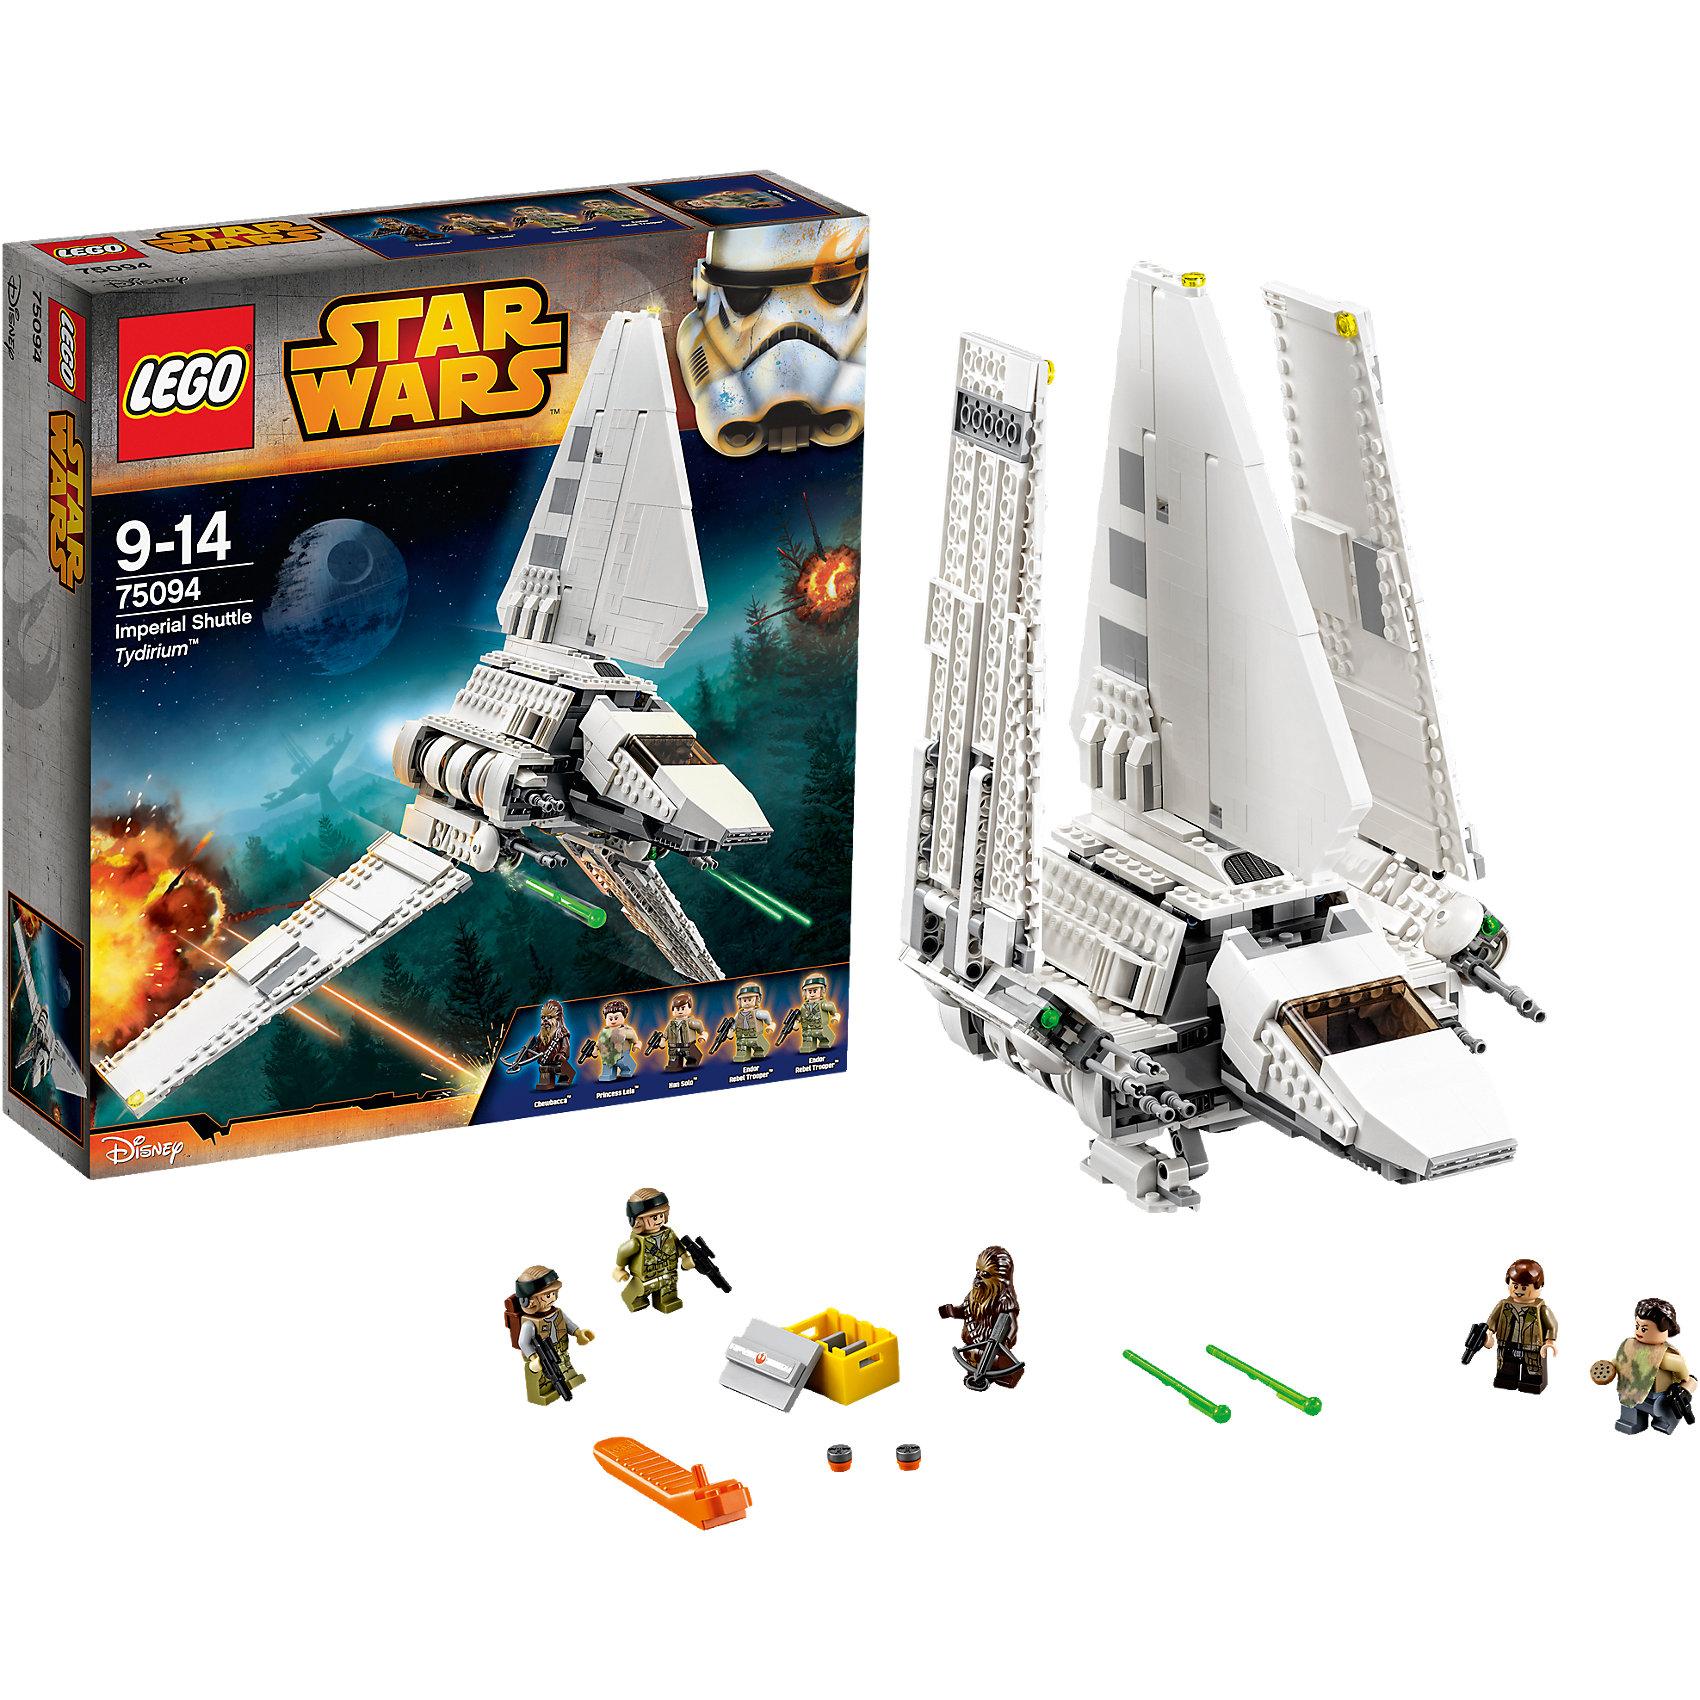 LEGO LEGO Star Wars 75094: Имперский шаттл Тайдириум™ ювелирное изделие 75094